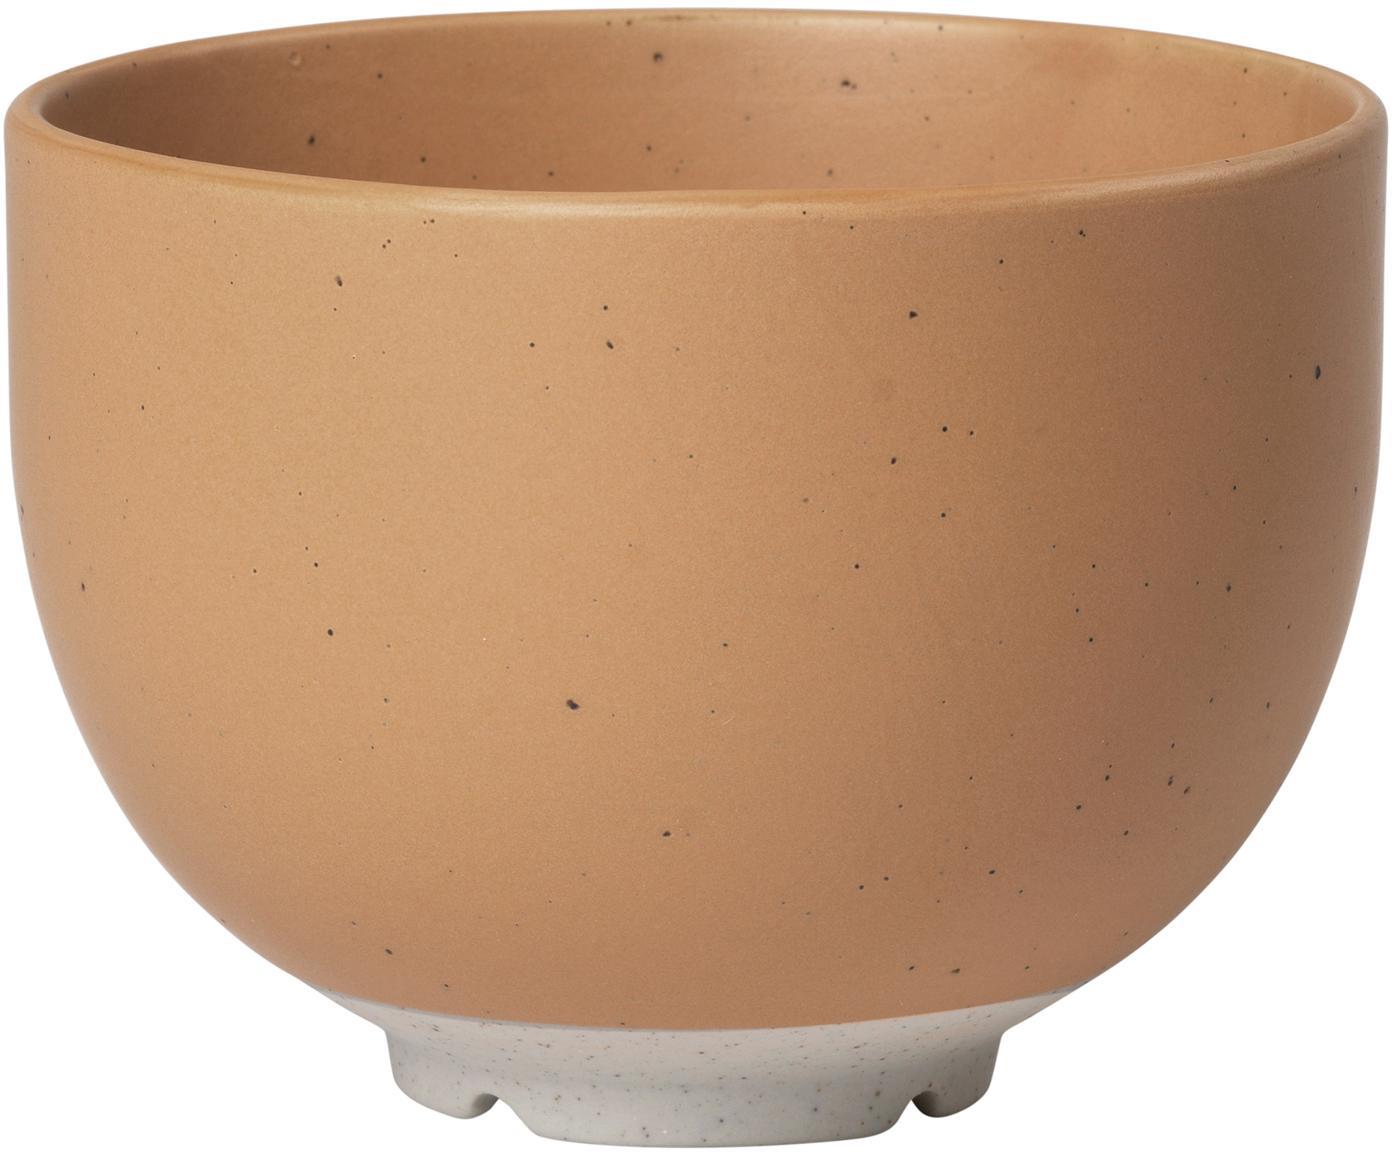 Ciotola in terracotta con finitura opaca Eli 4 pz, Gres, Marrone chiaro, beige, Ø 11 cm